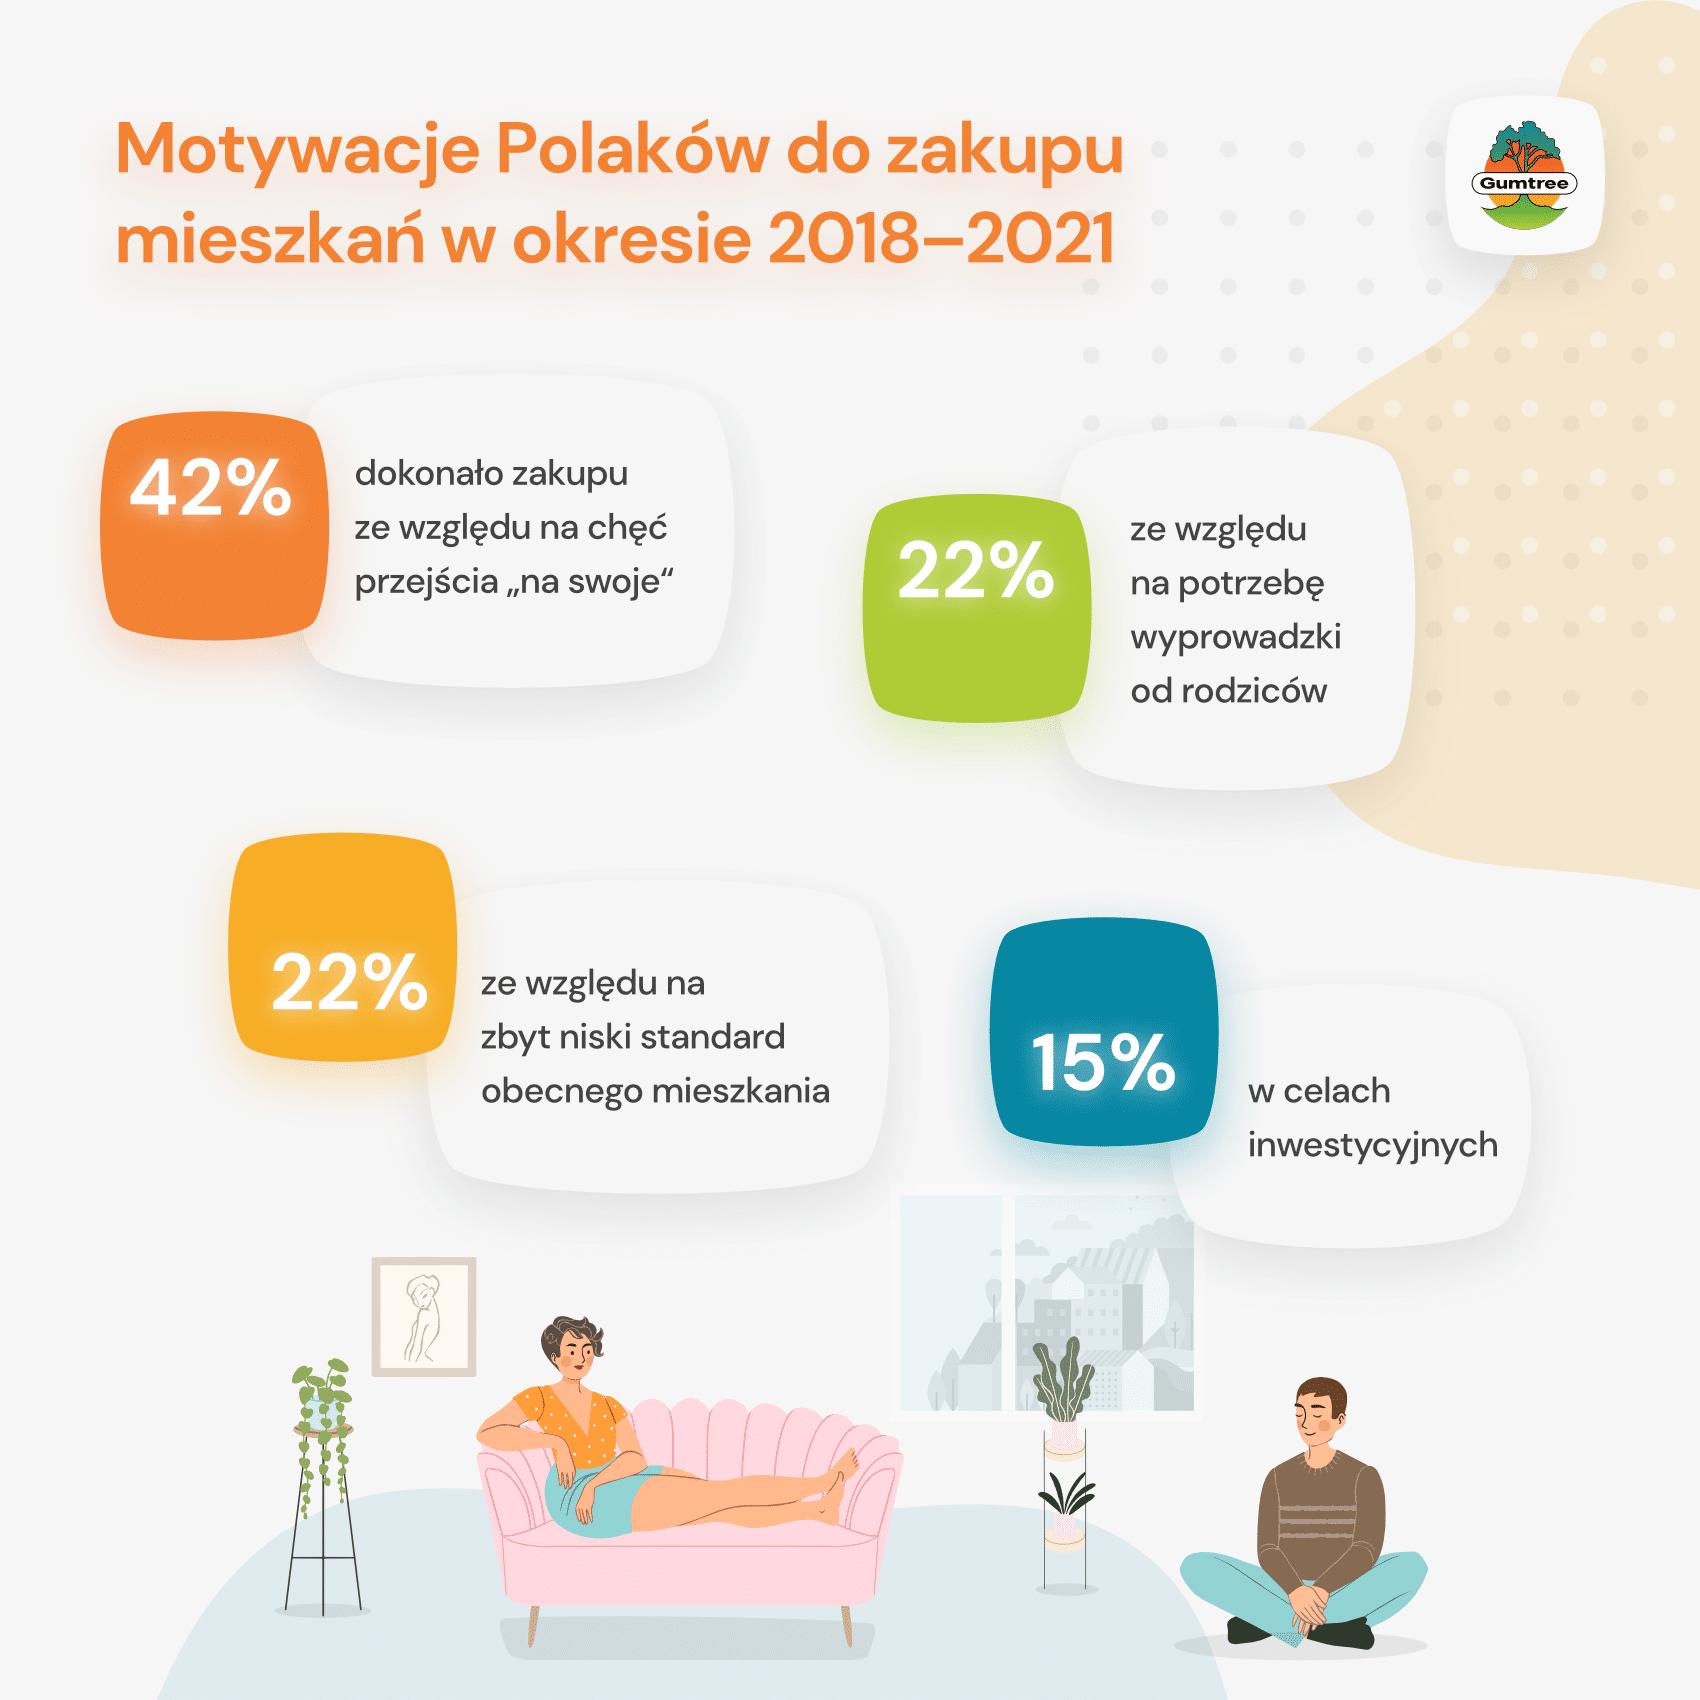 Ceny mieszkań wzrosły nawet o 20% w trakcie pandemii – co motywuje Polaków do zakupu